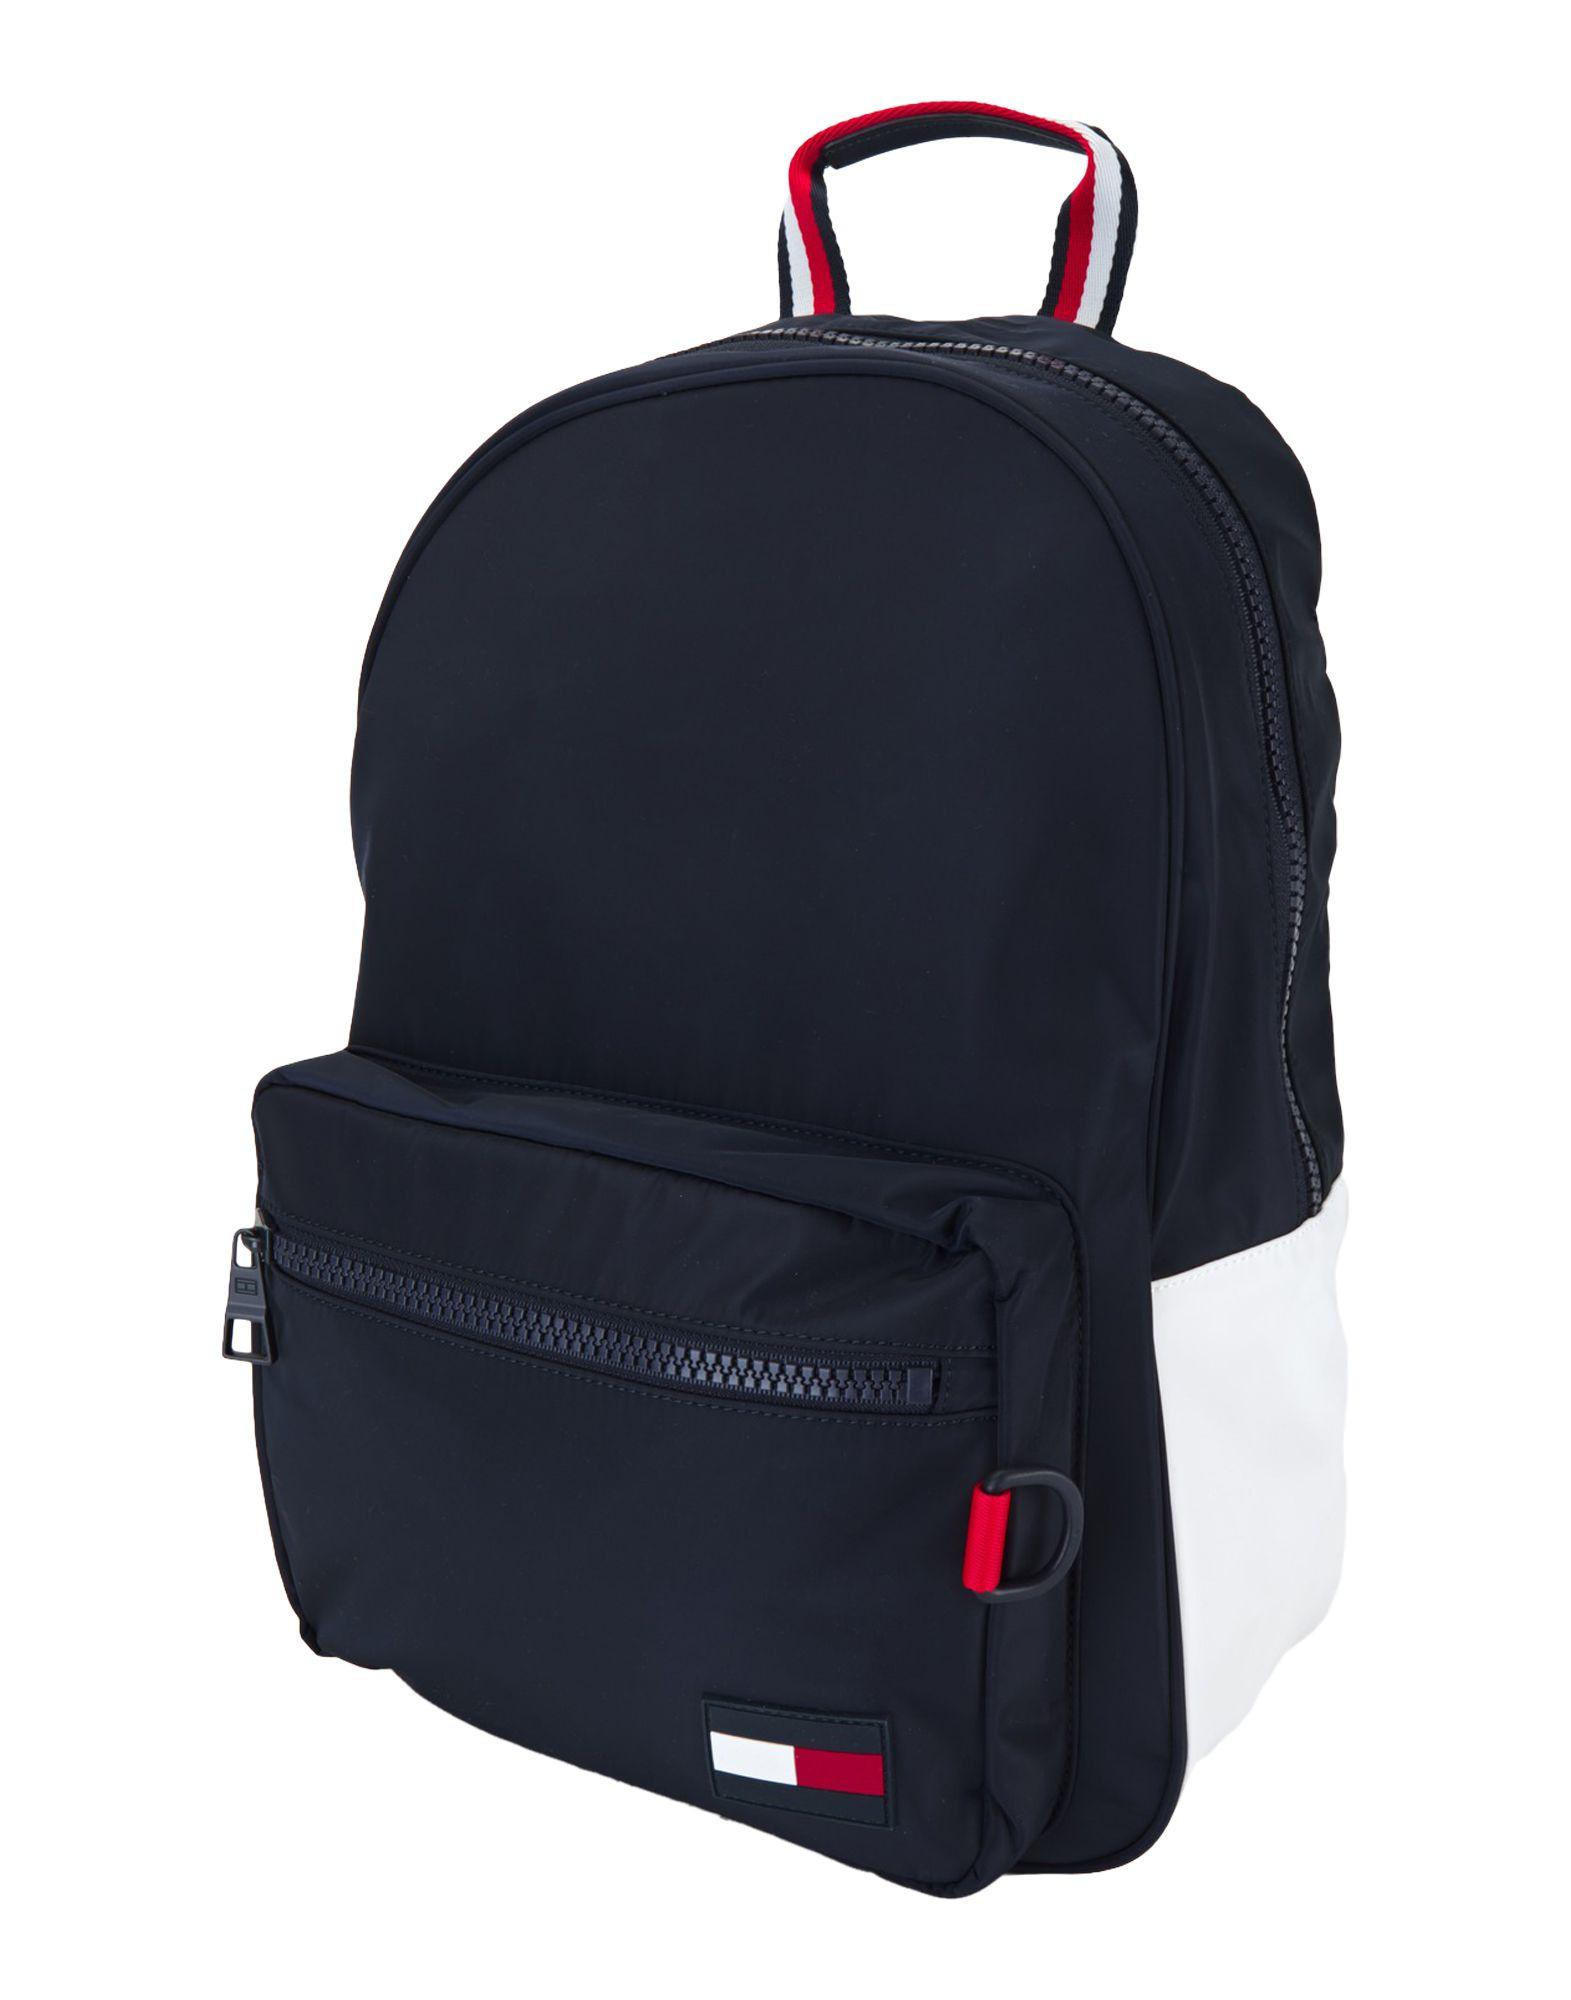 Фото - TOMMY HILFIGER Рюкзаки и сумки на пояс рюкзаки